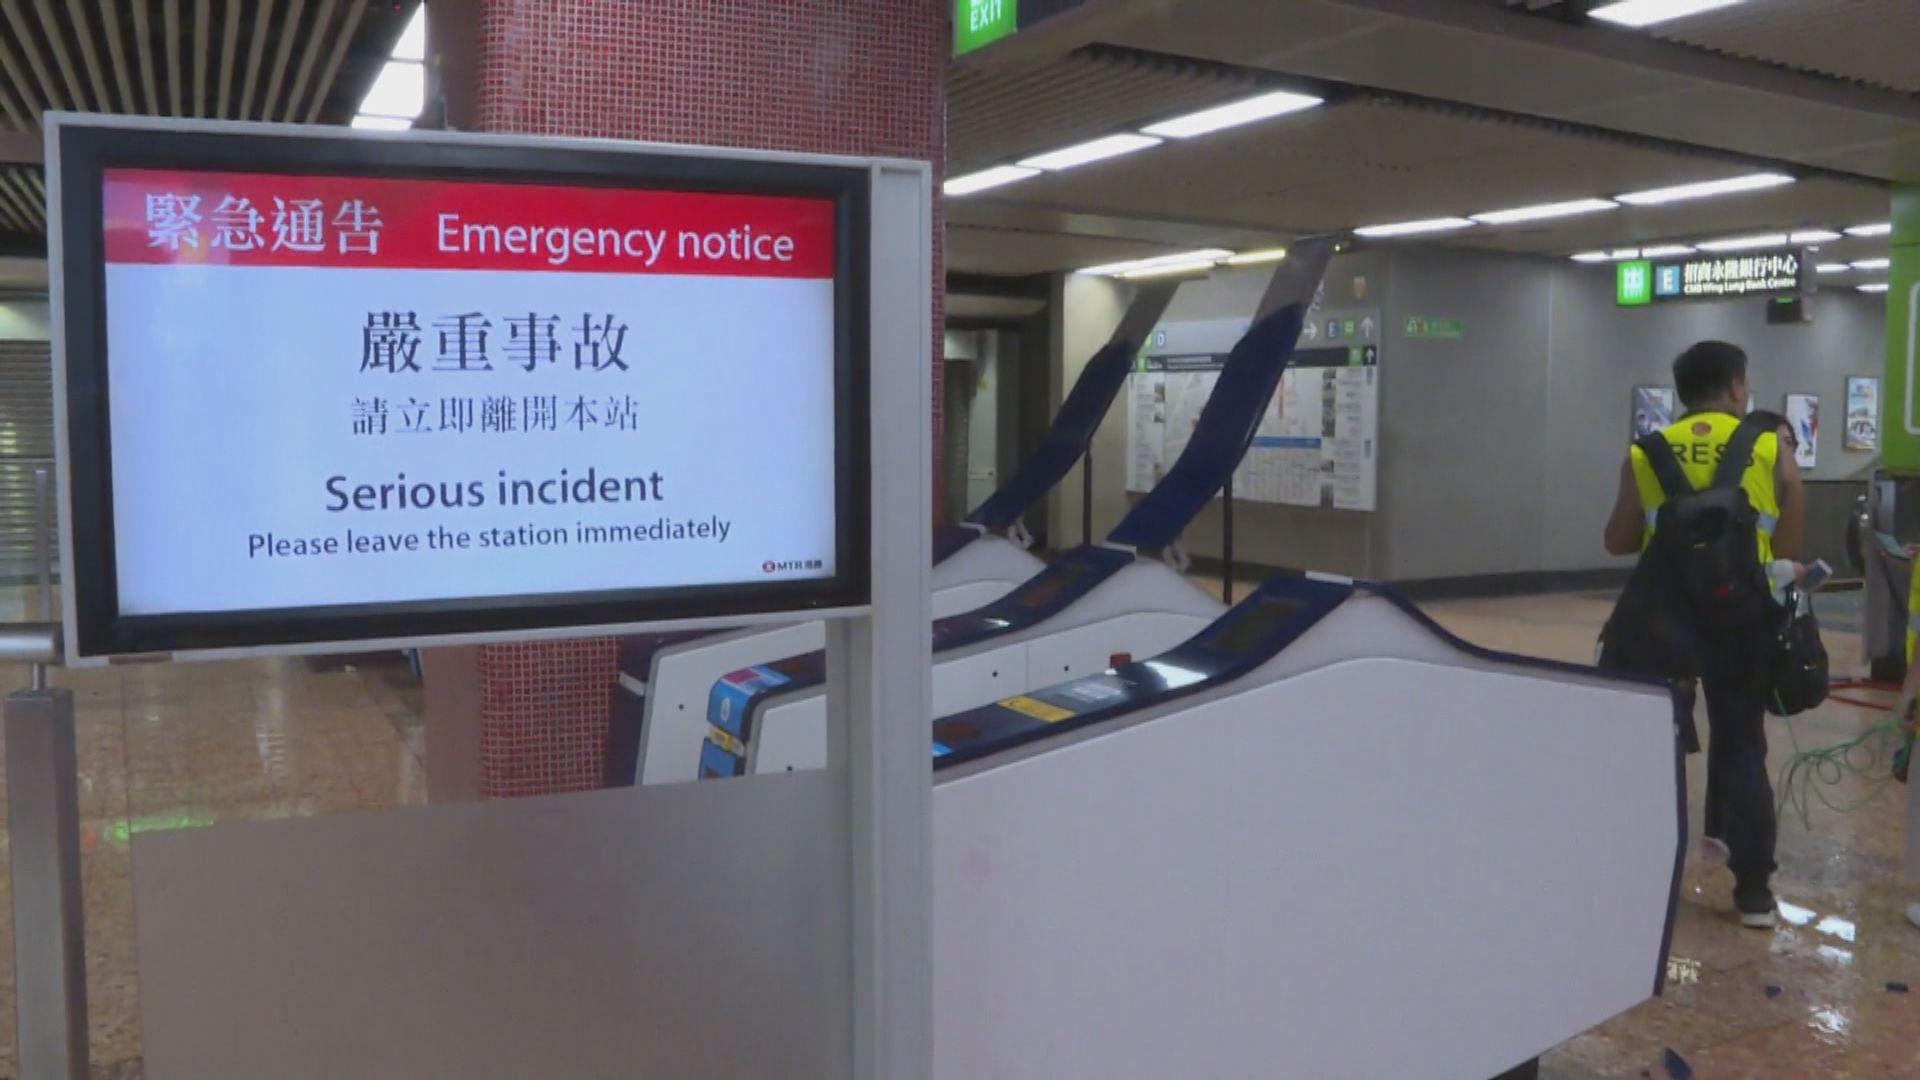 港鐵宣布旺角站暫時關閉